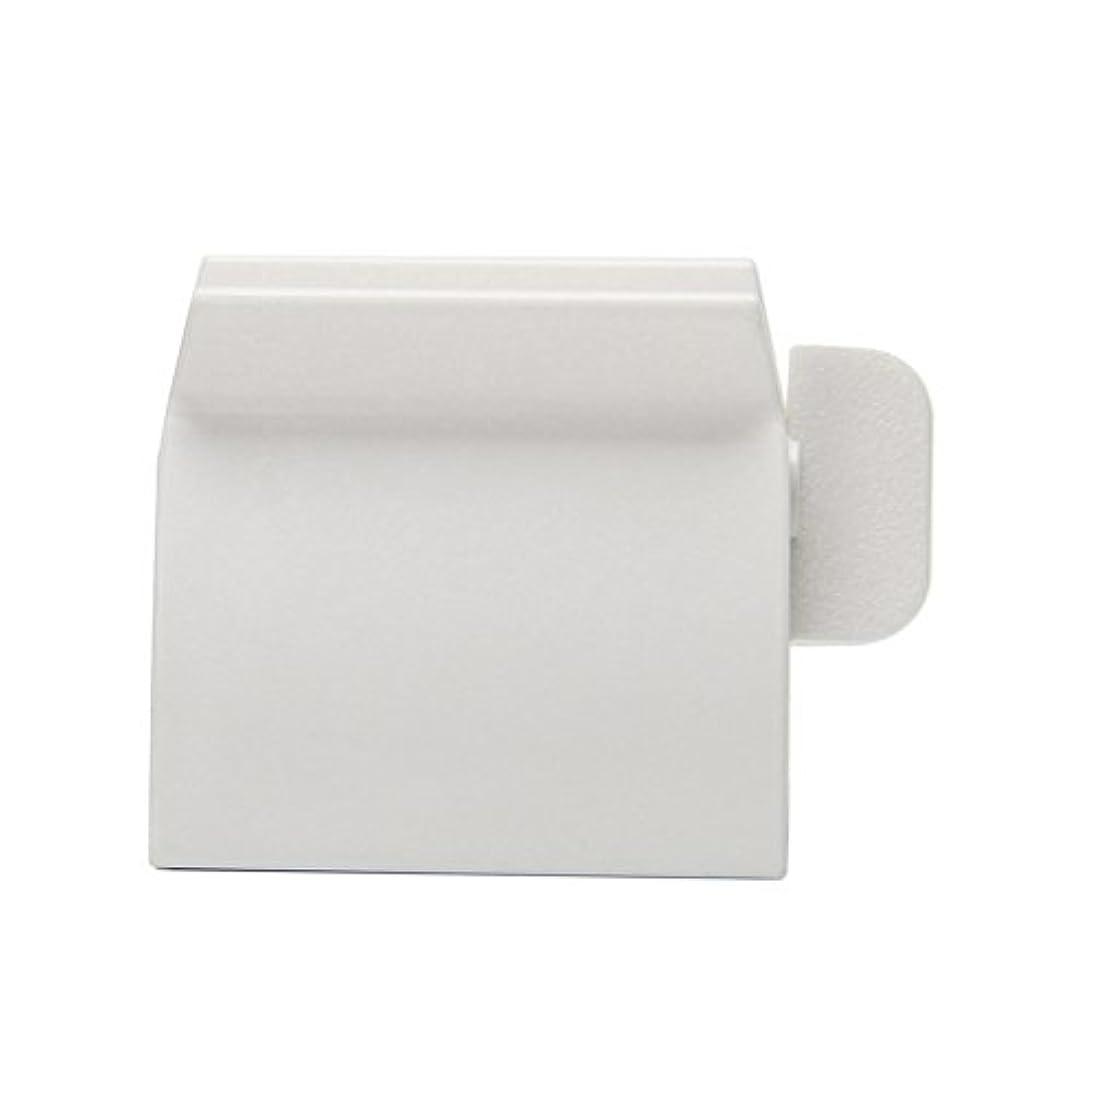 ロンドン田舎予想するLamdoo浴室ホームチューブローリングホルダースクイーザ簡単歯磨き粉ディスペンサー